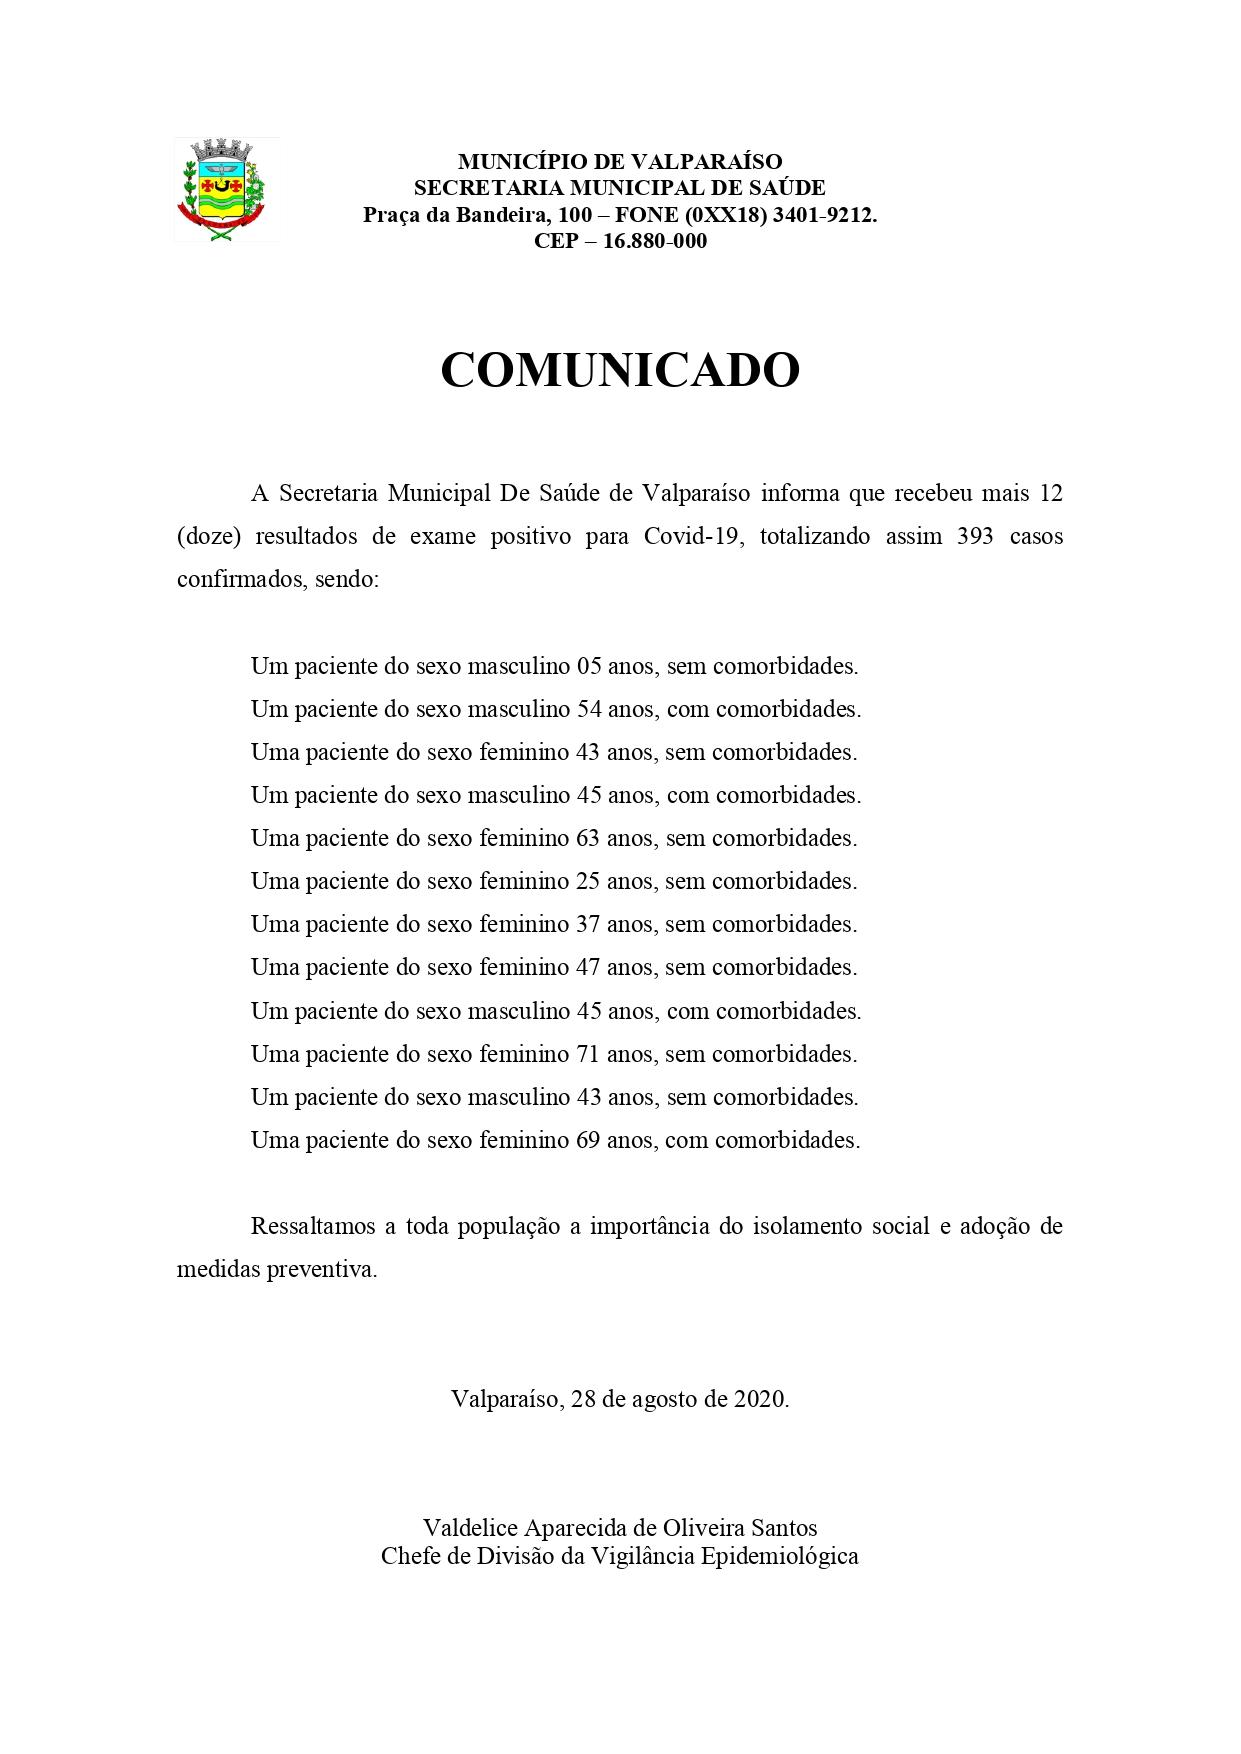 covid393